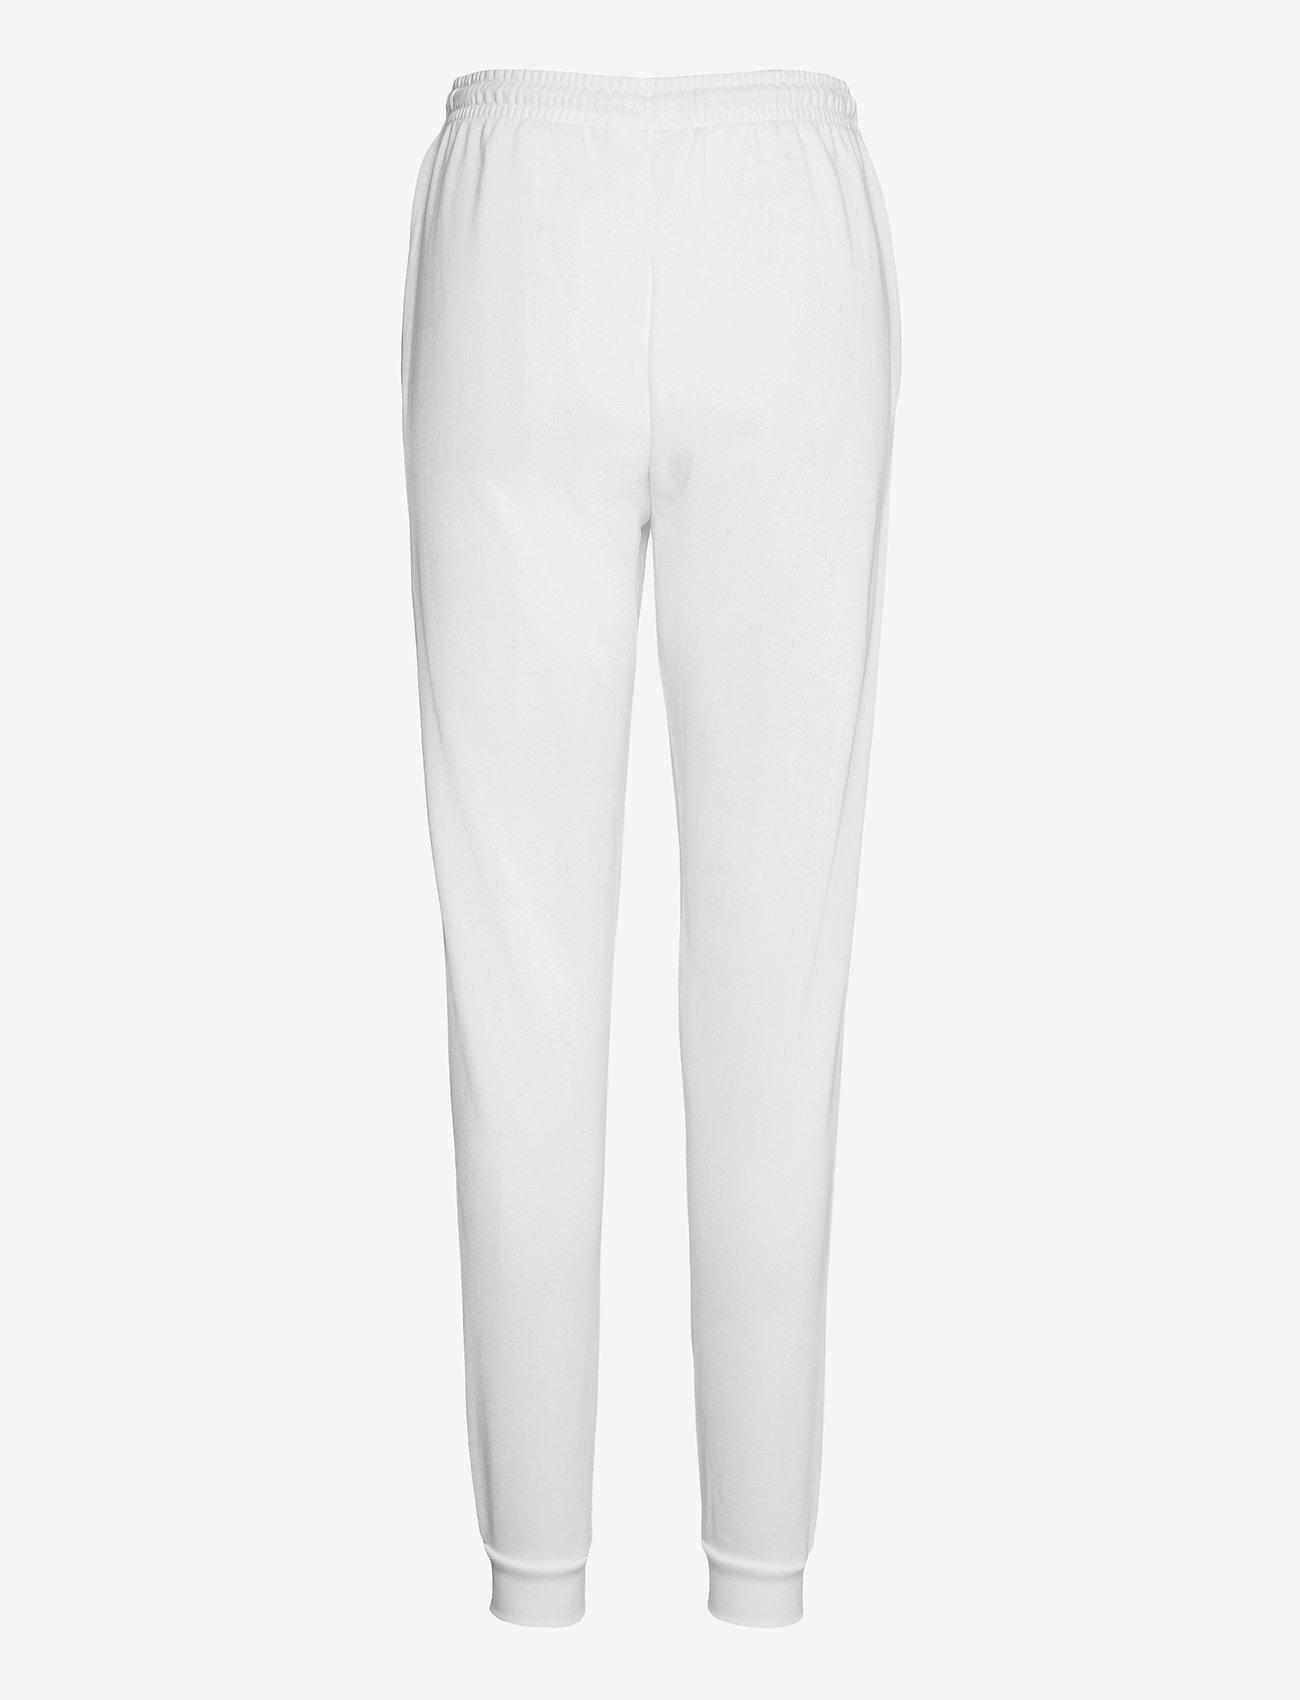 Lacoste - Women tracksuit trousers - sportbroeken - white - 1